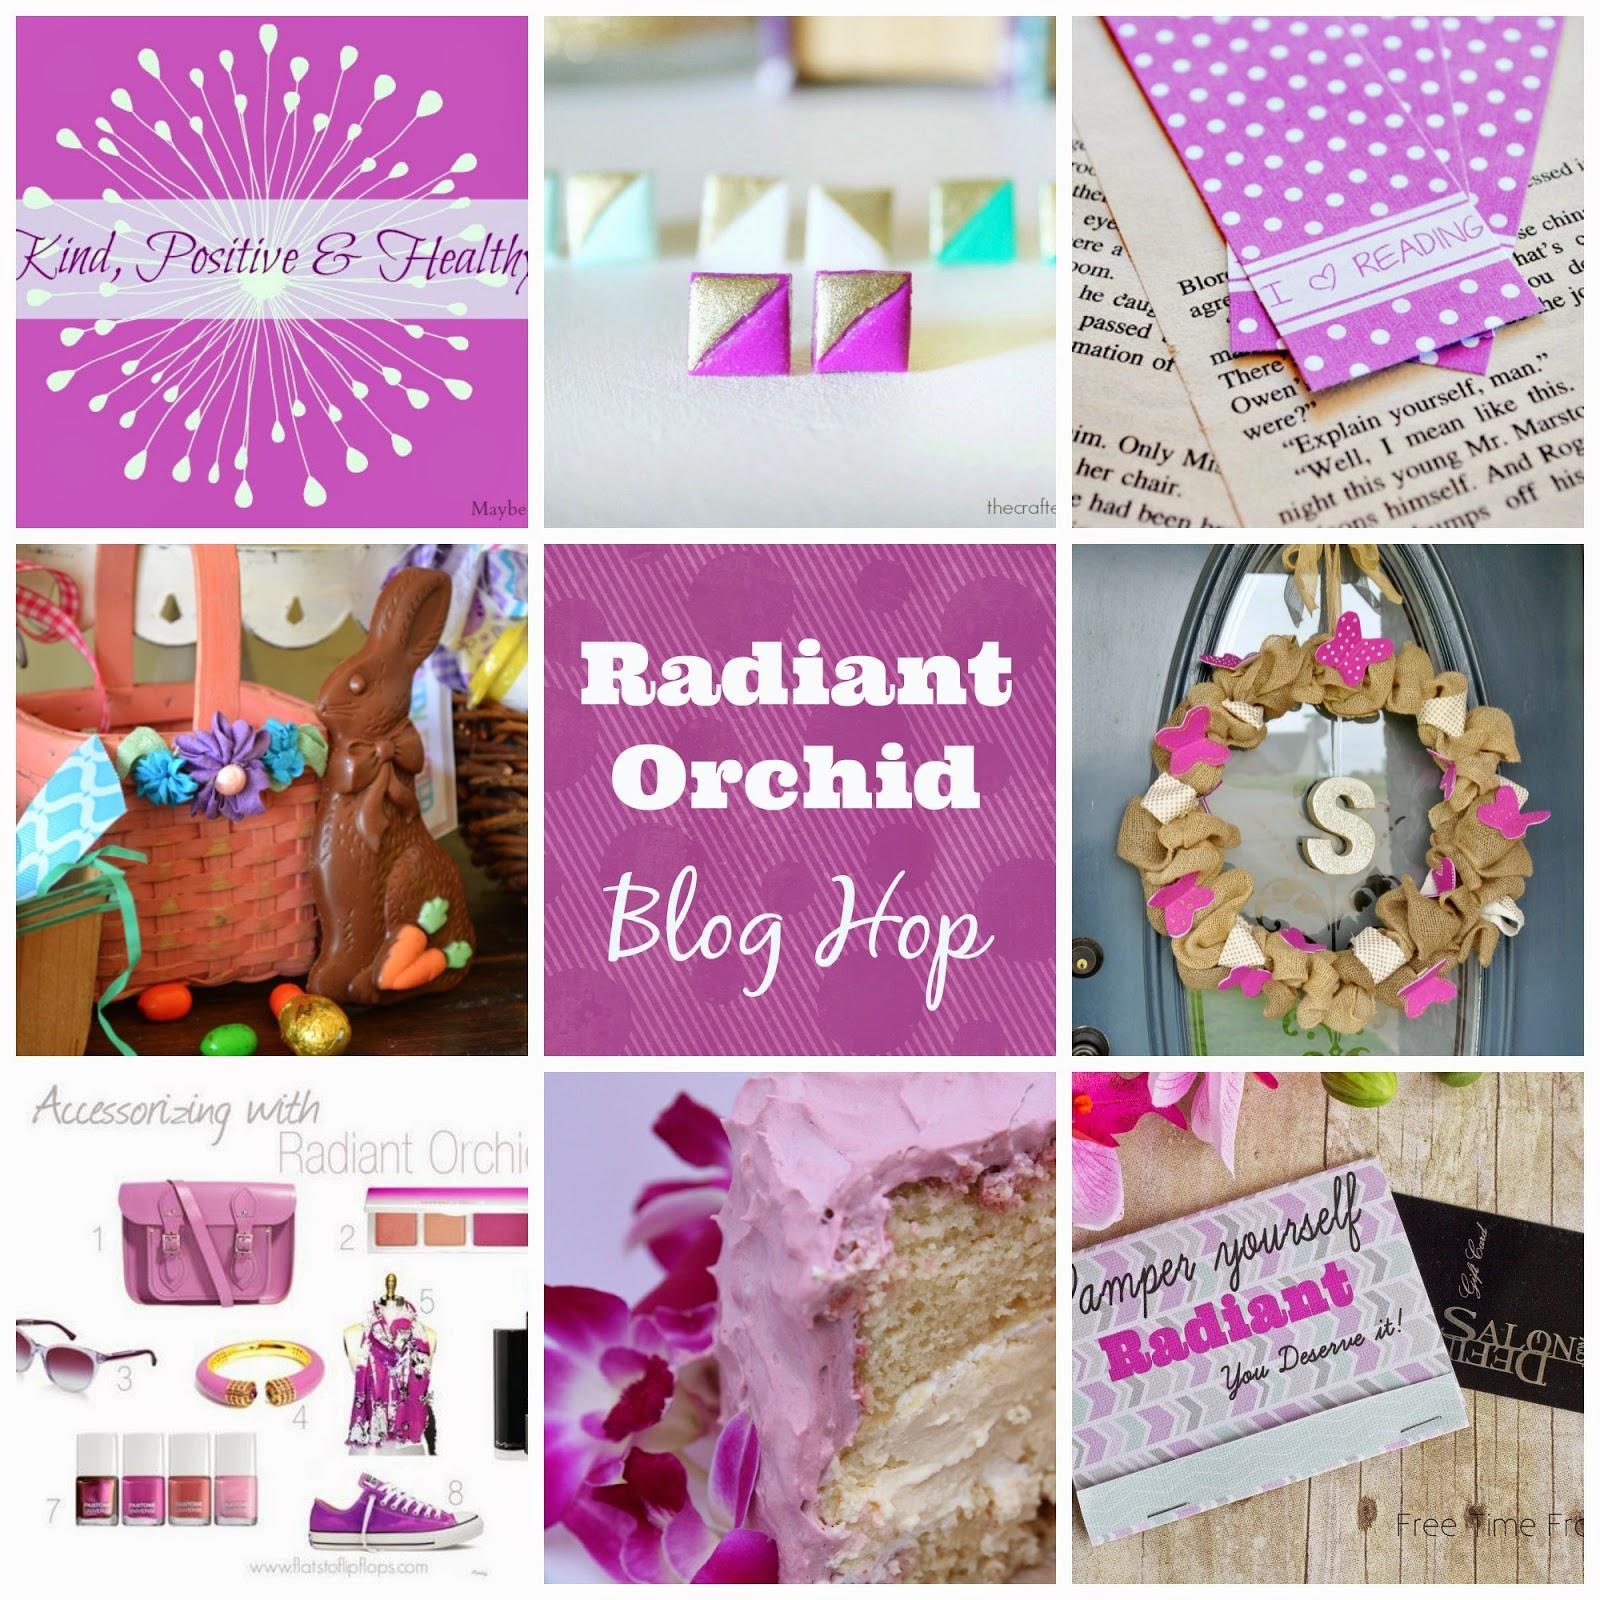 radiant orchid blog hop www.freetimefrolics.com #diy